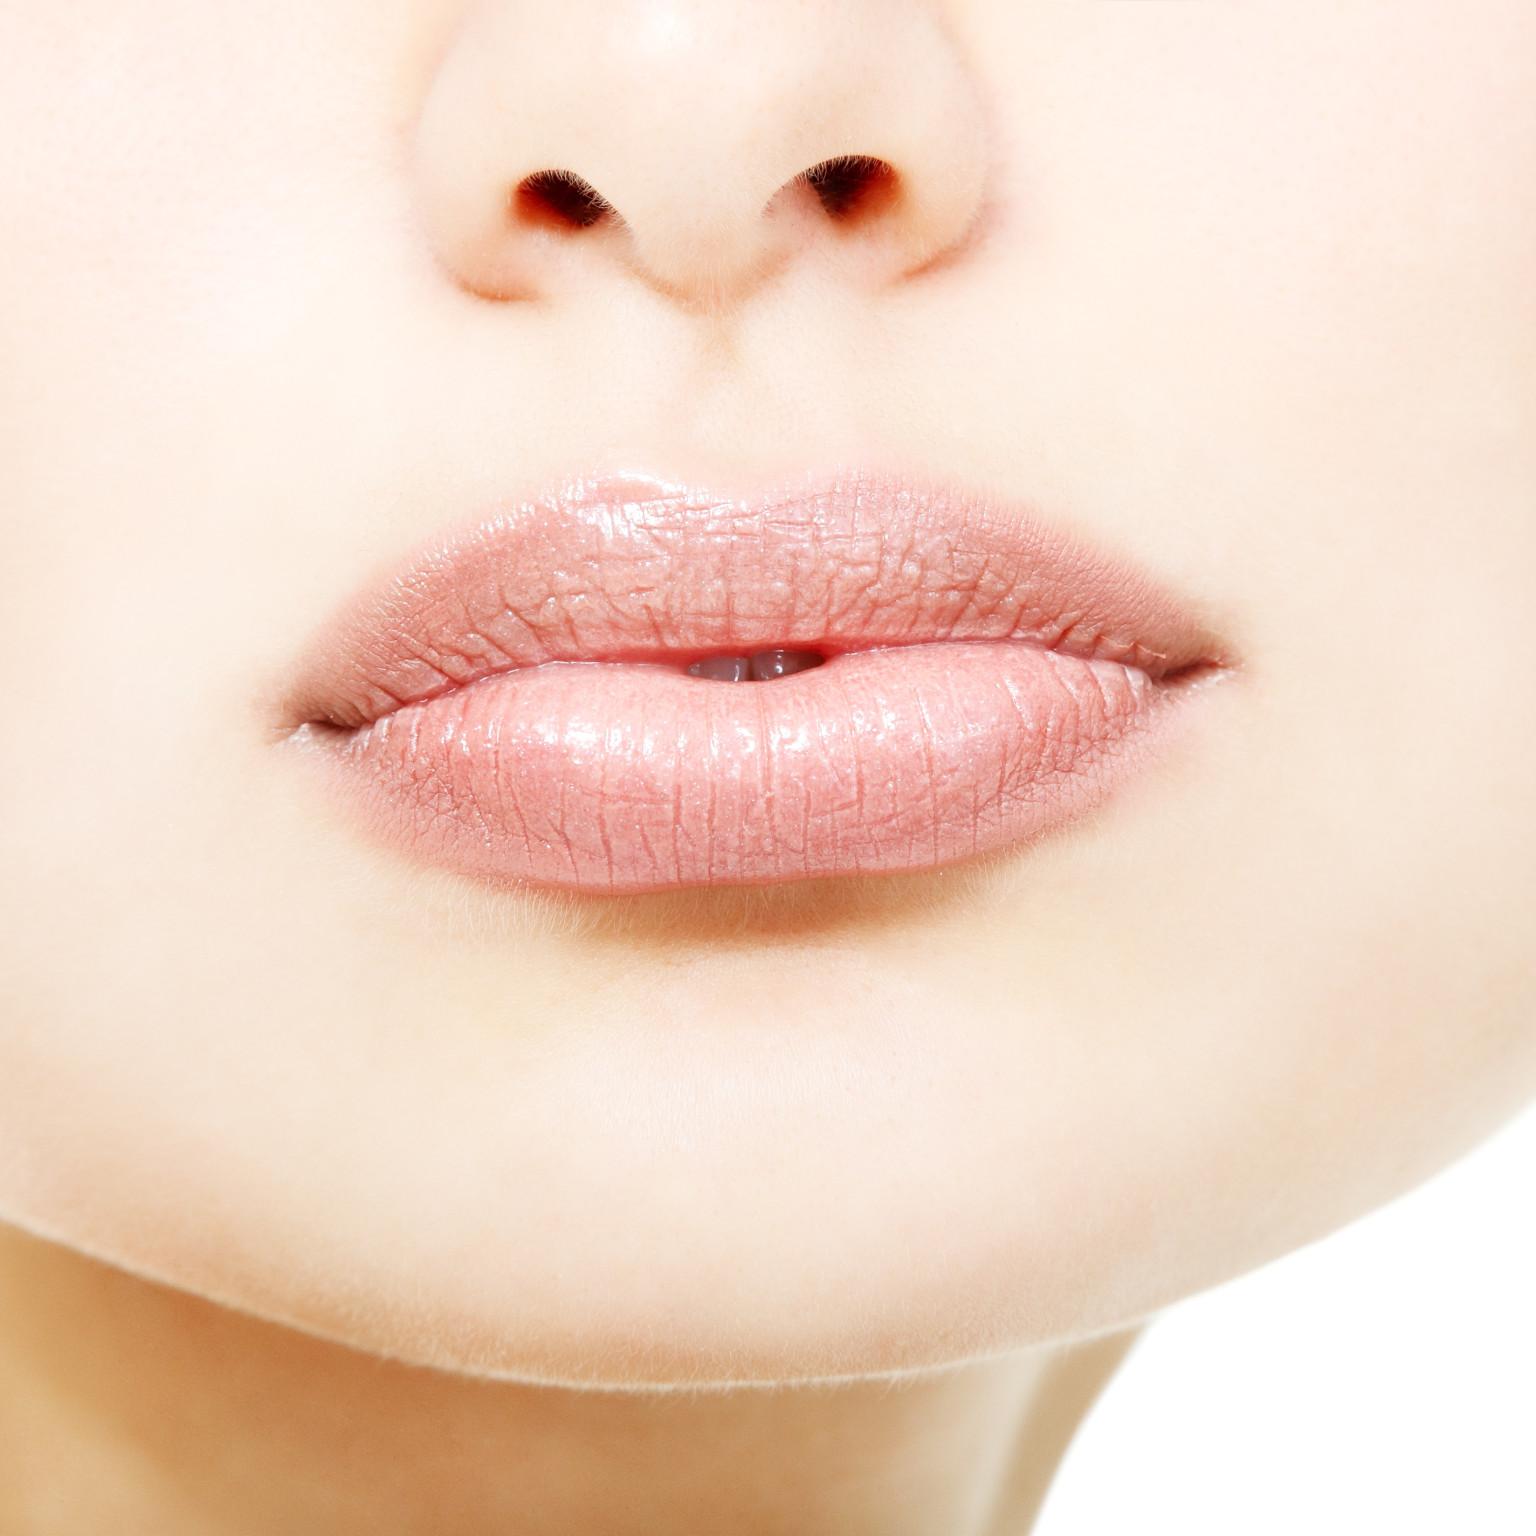 группа самые красивые женские губы фото если рельефный